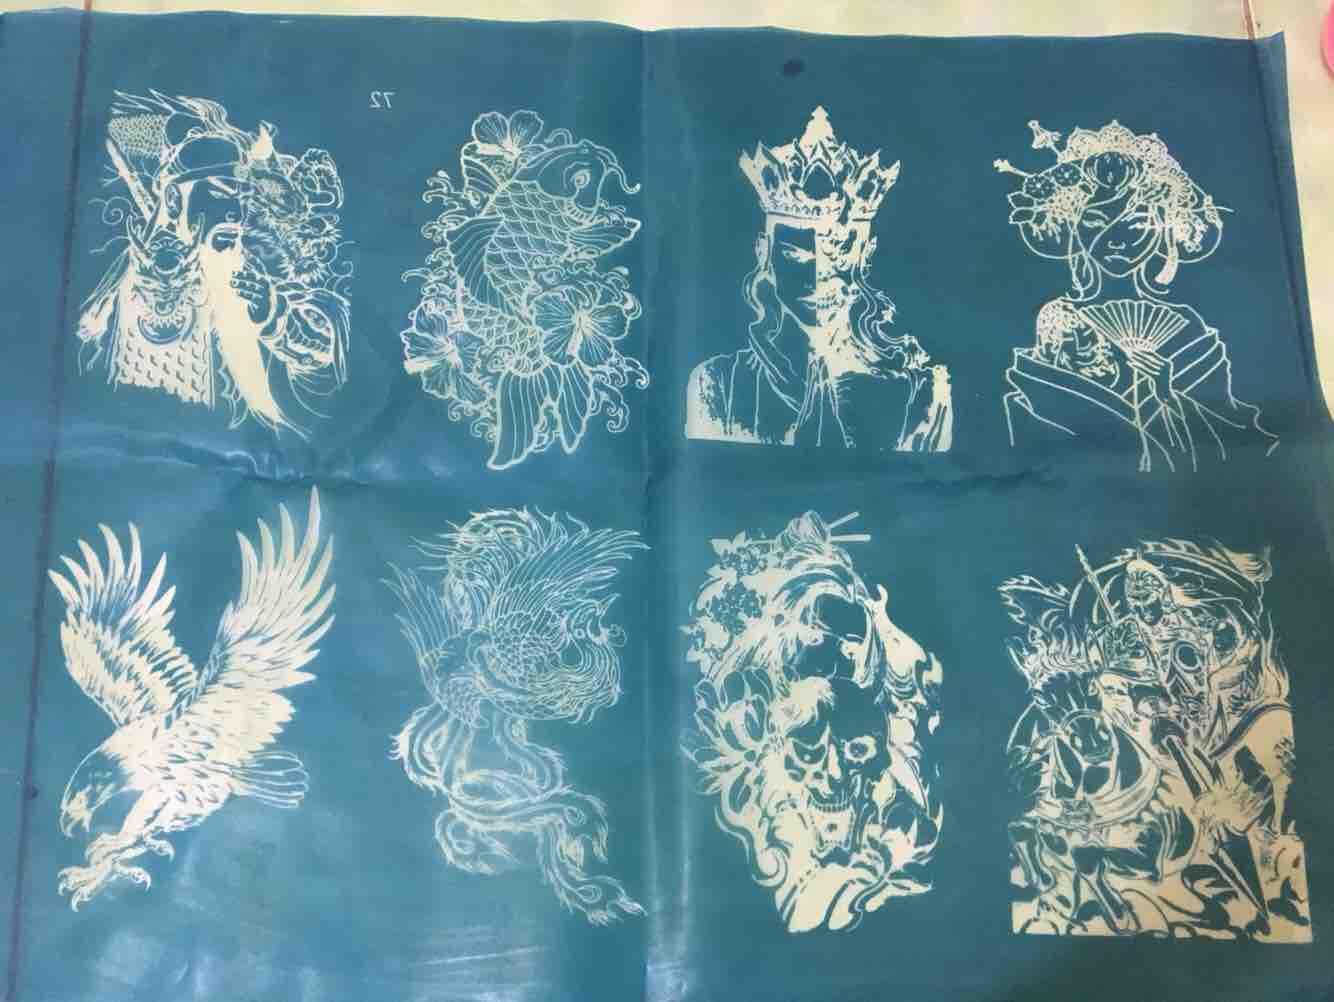 Khuân vẽ henna khổ lớn nhiều hình tặng kèm mực henna